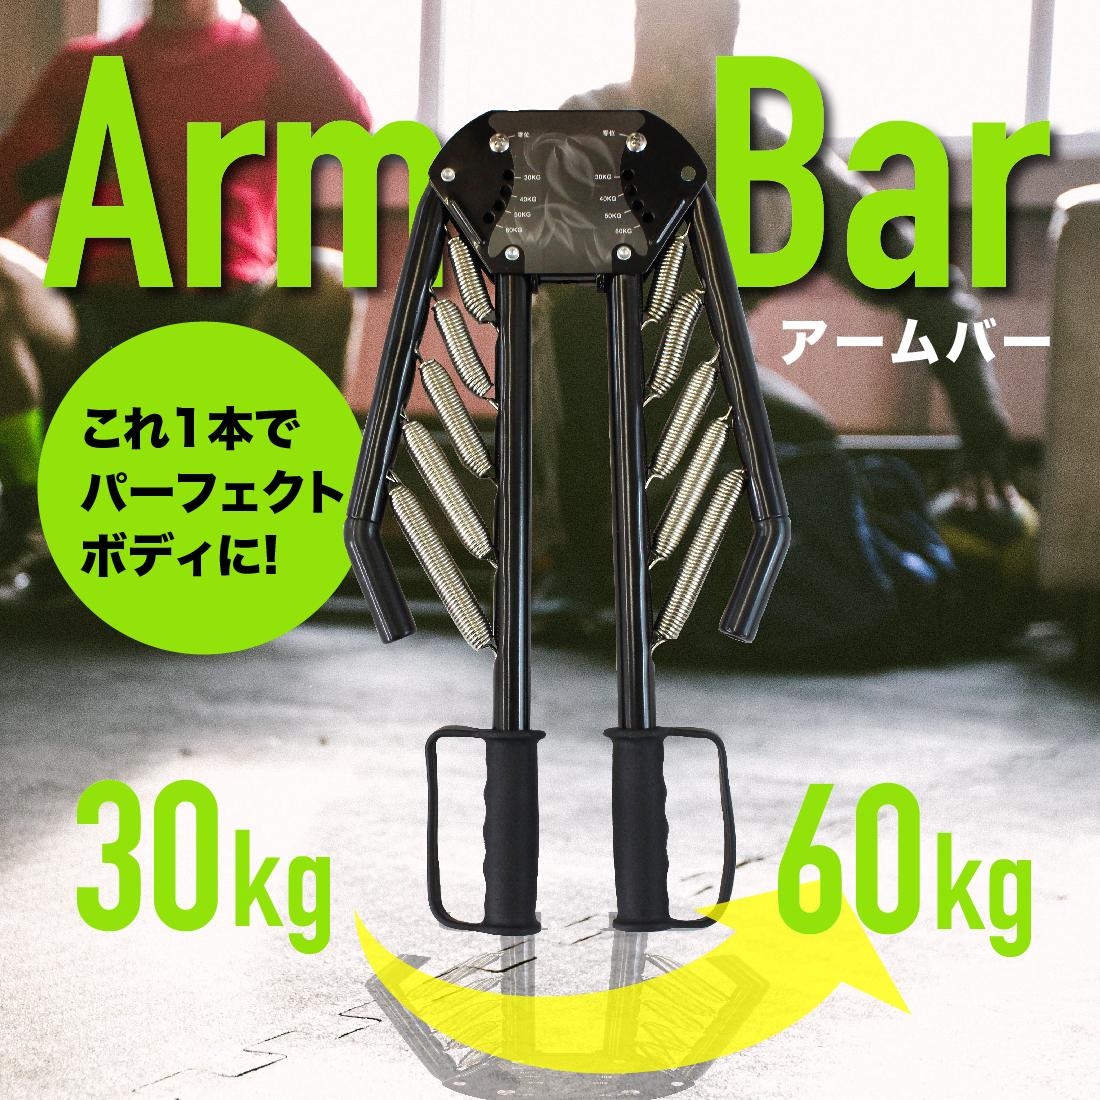 アームバー エキスパンダー 筋肉 筋トレ グッズ トレーニング 器具 筋力 マッスル ダイエット エクササイズ 二の腕 背筋 胸筋 上腕筋 上腕二頭筋